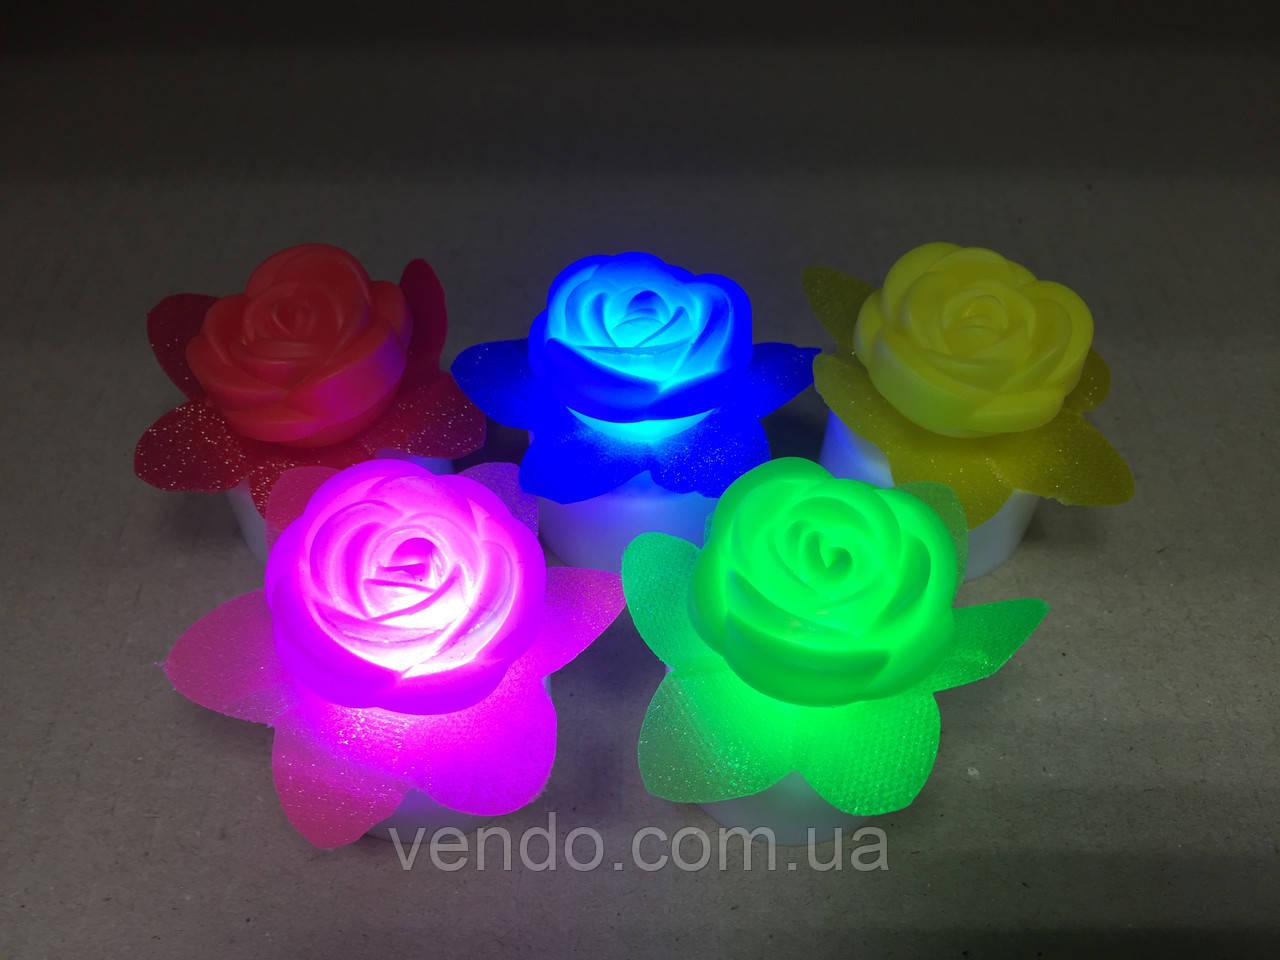 Светильник хамелеон/ ночник с цветной подсветкой Розочка